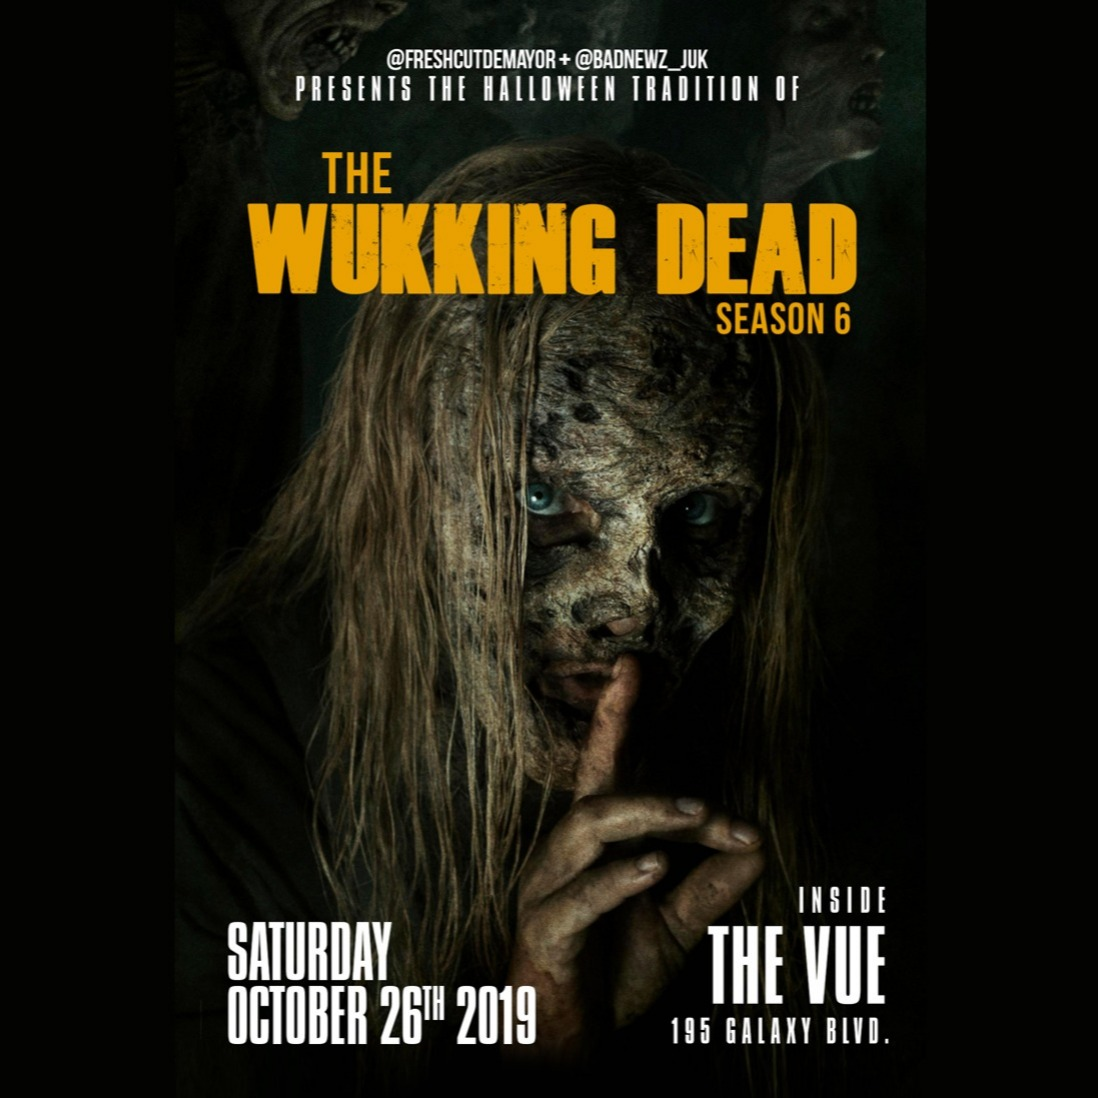 THE WUKKING DEAD 2019